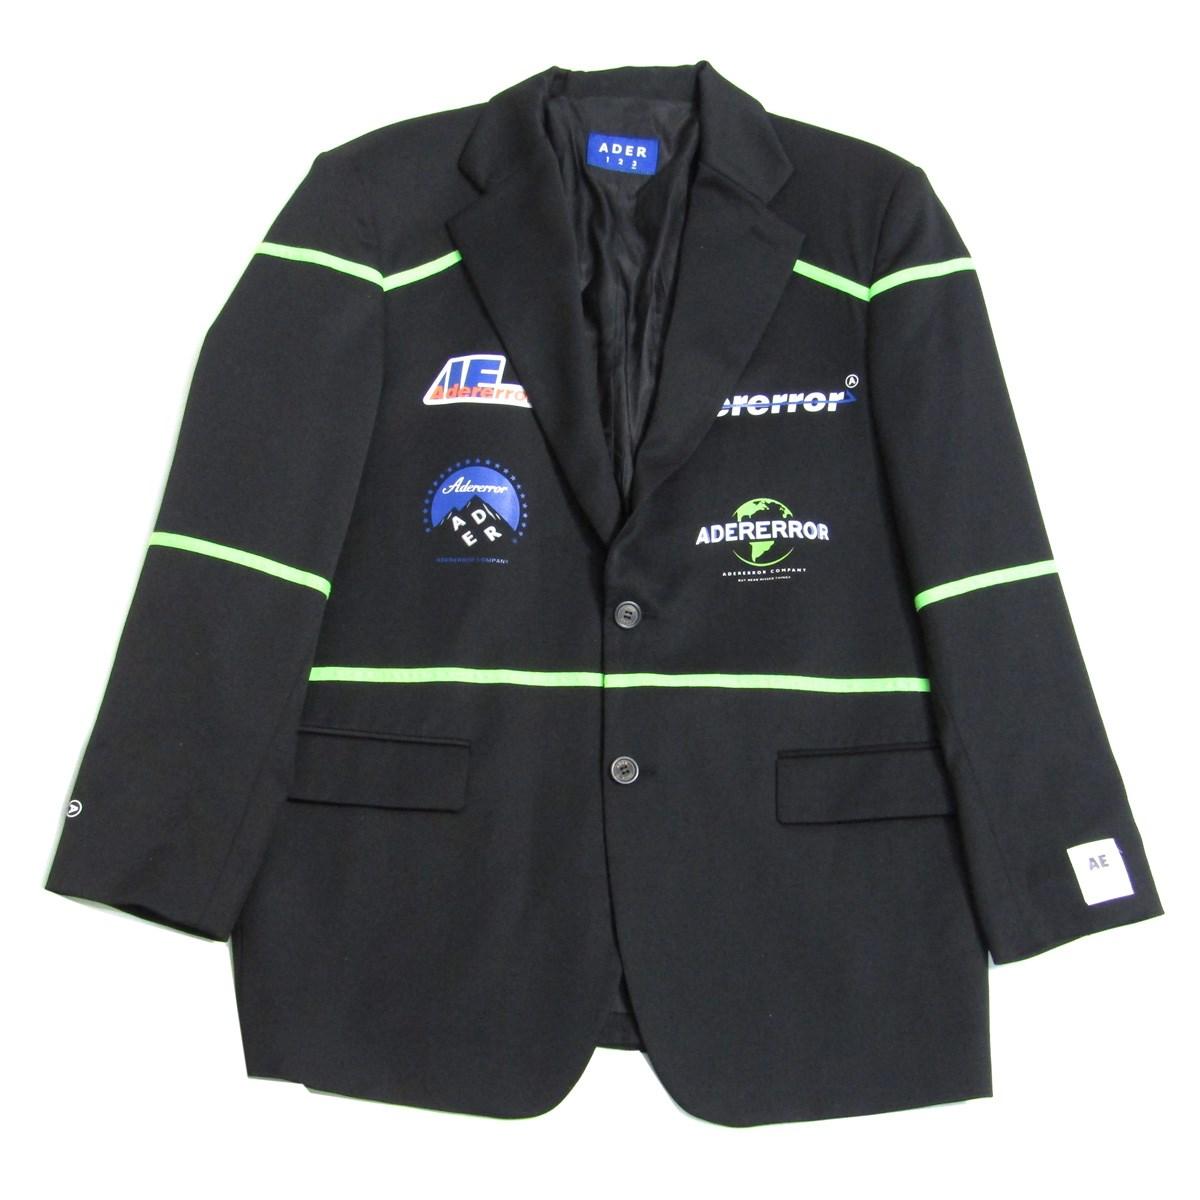 【中古】ADERERROR 2019AW Tailored Jacket ロゴプリント テーラードジャケット ブラック サイズ:FREE 【020920】(アーダーエラー)